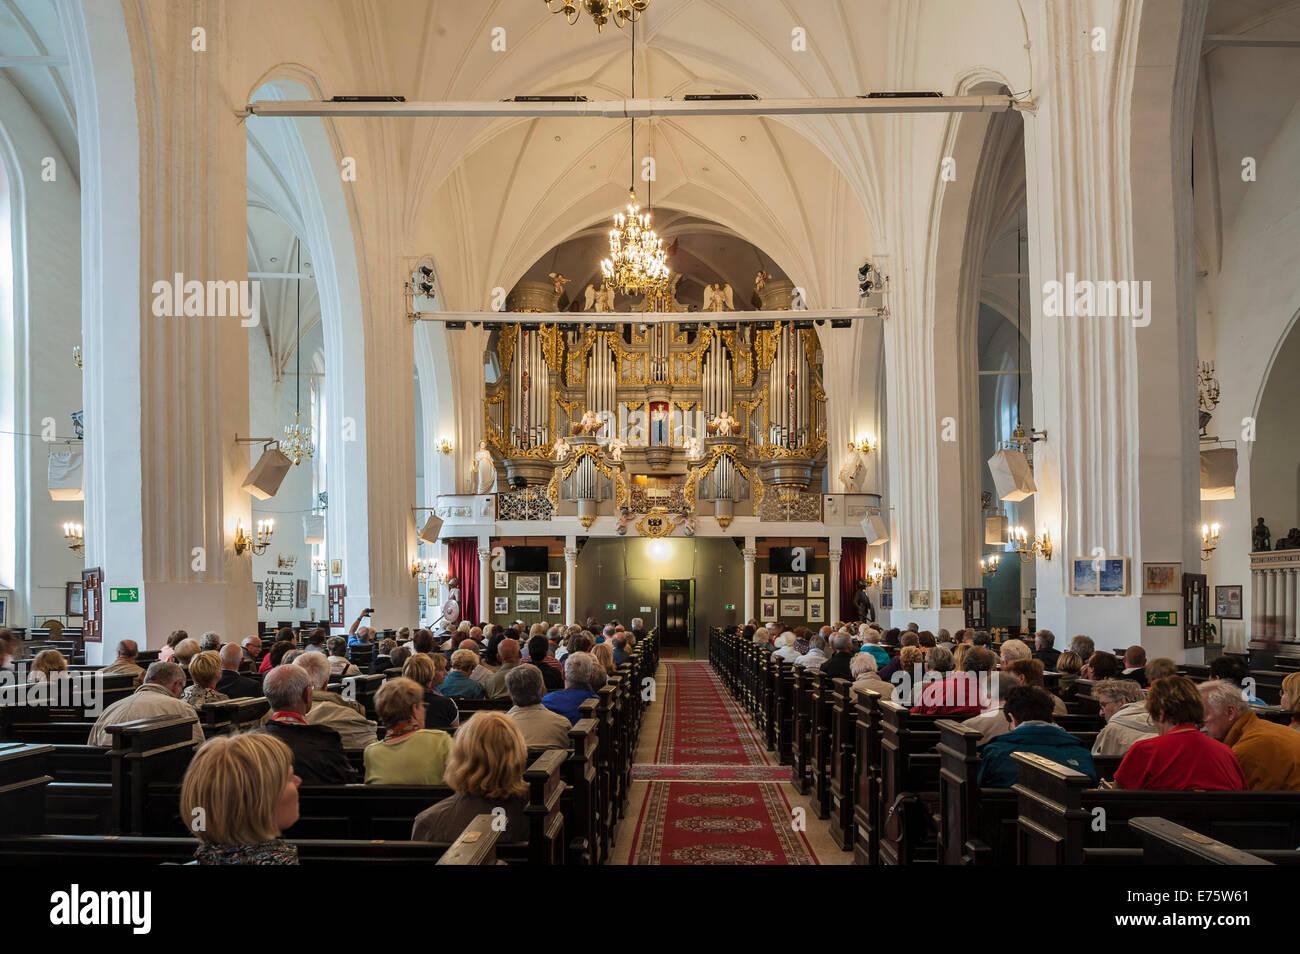 Neue Hauptorgel in Königsberg Kathedrale, erbaut im Jahre 2008 durch Orgelbauer Alexander Schuke Moskovskij Stockbild